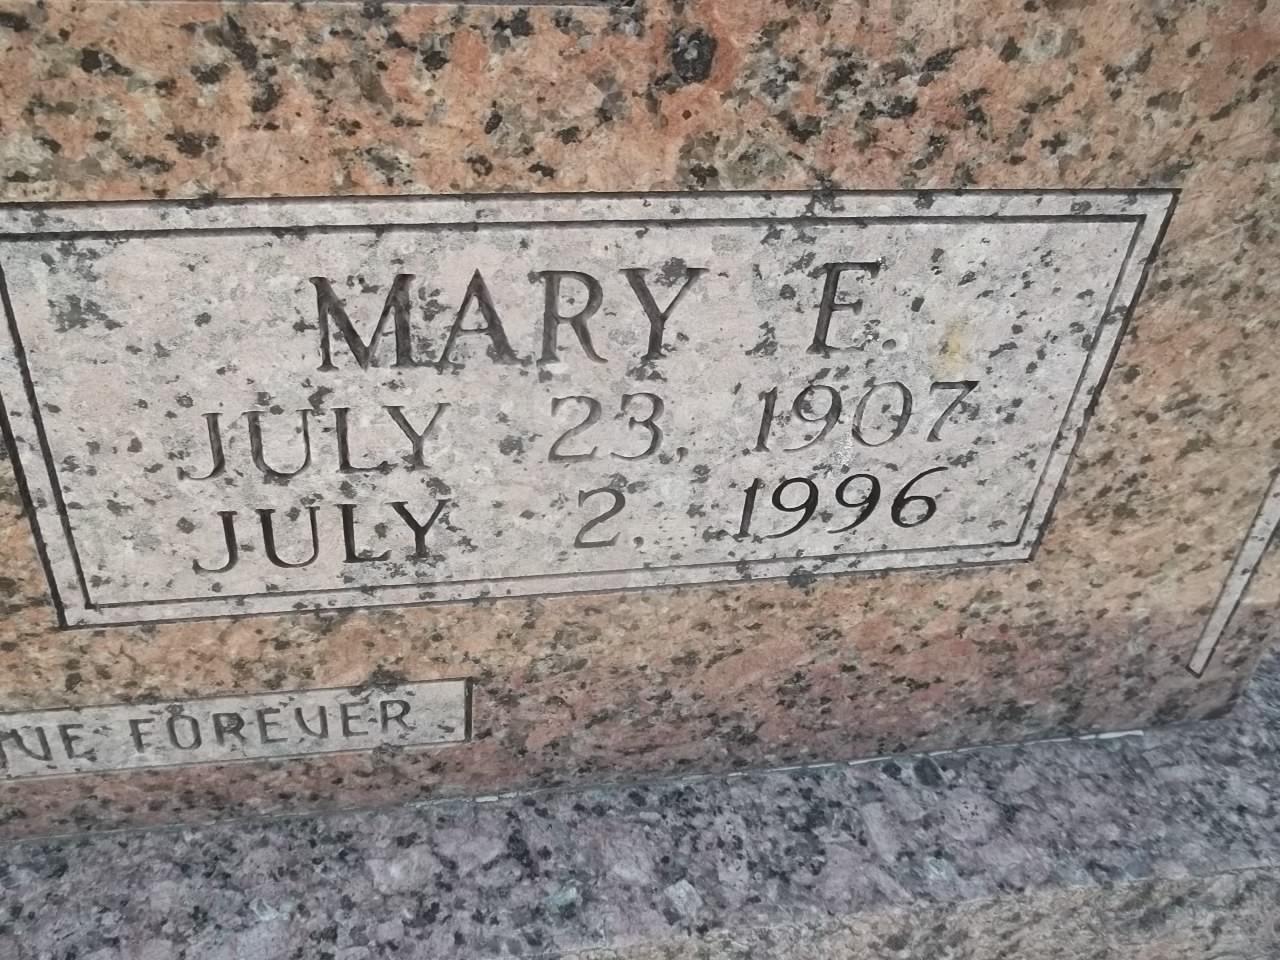 Mary E. Pegoda